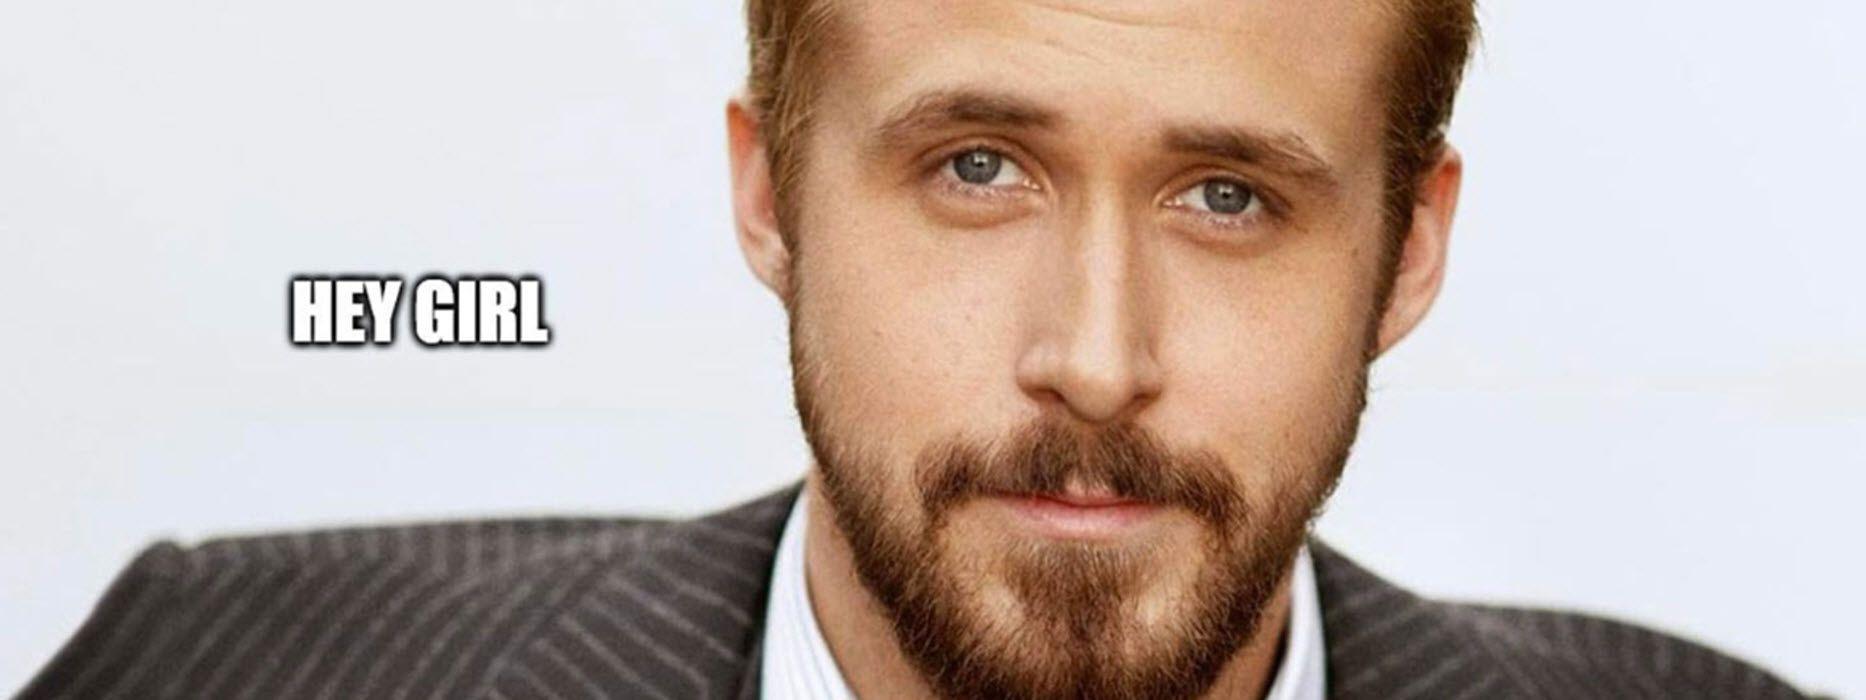 Ryan Gosling saying